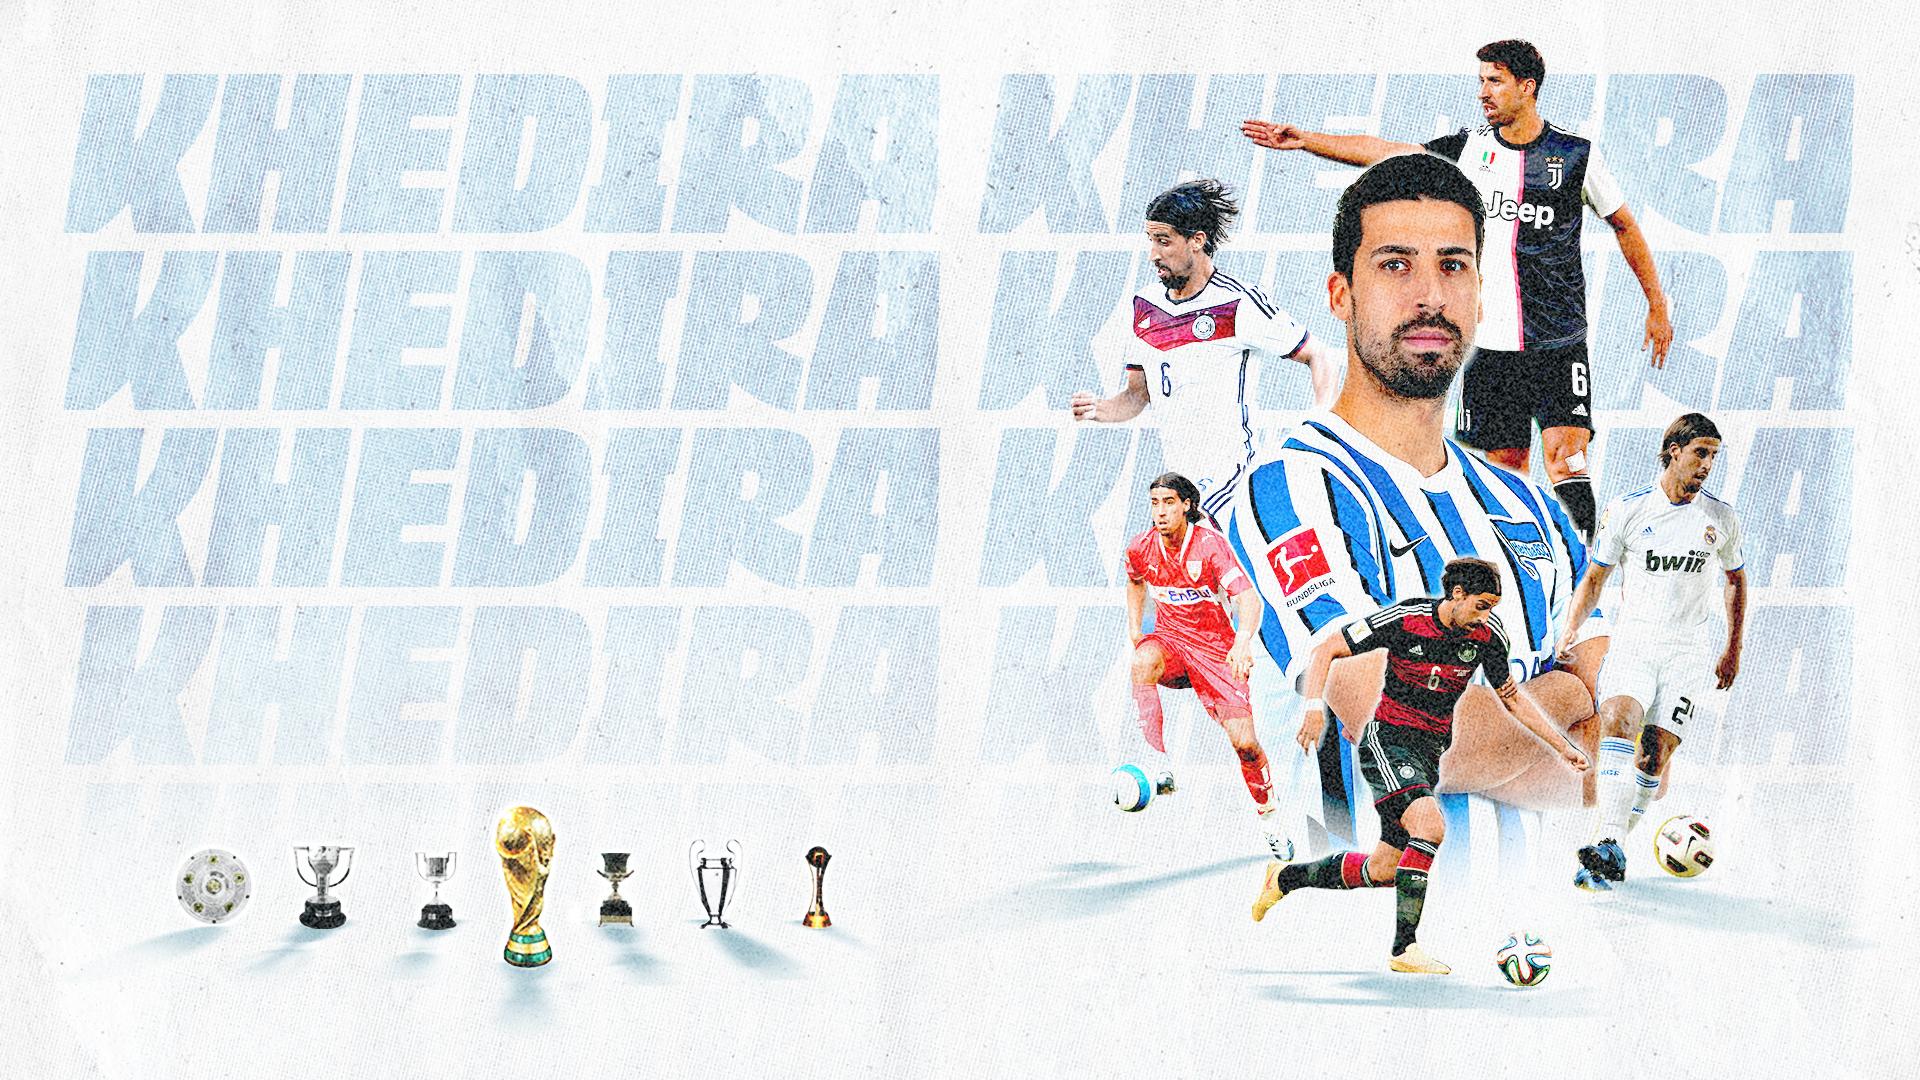 Grafik zu Sami Khediras Karriereende 2021.